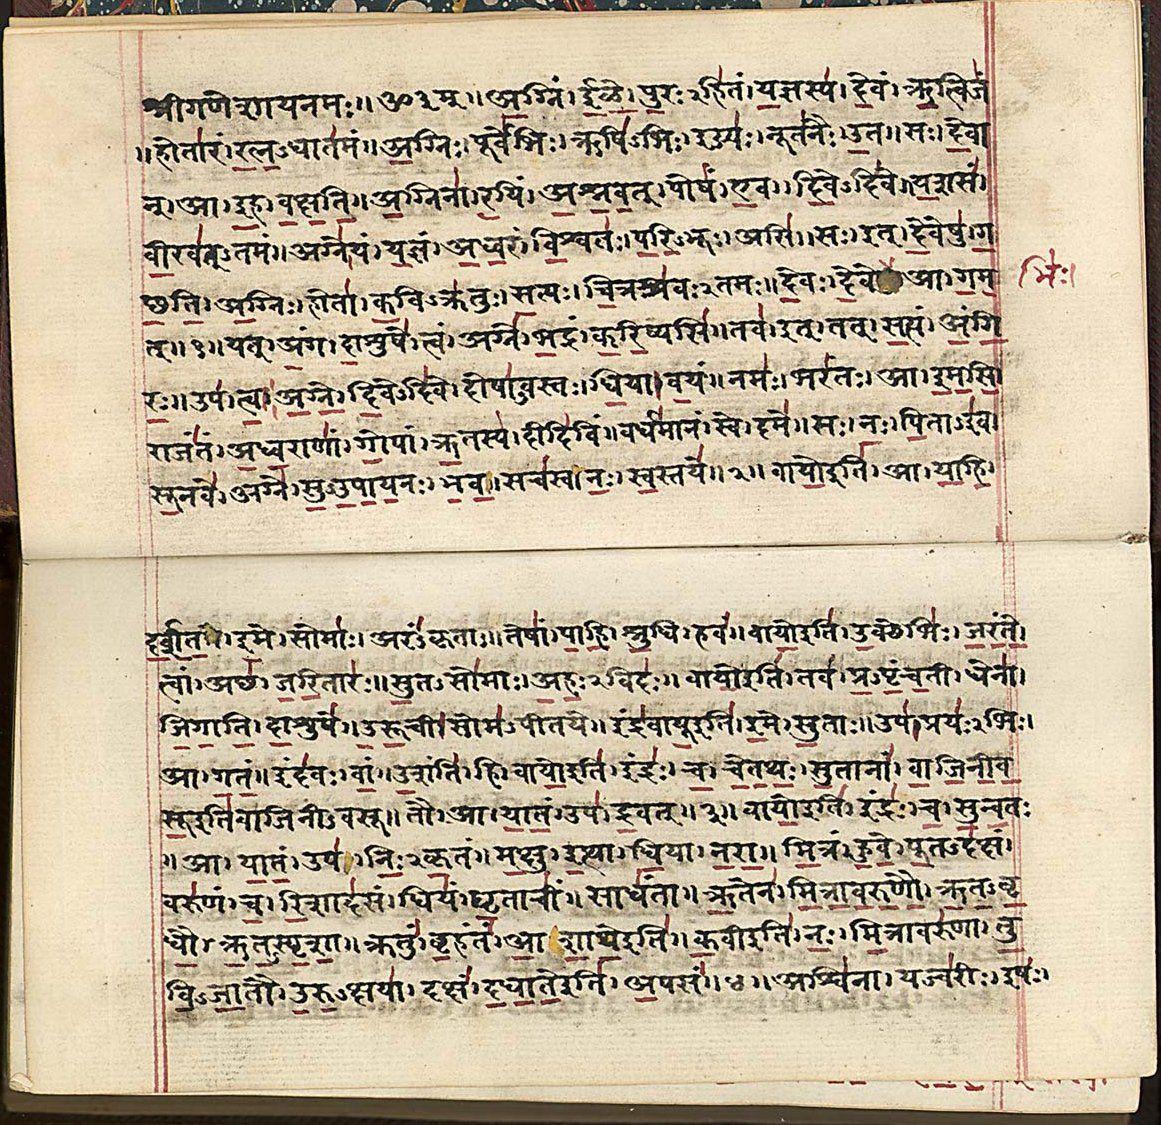 Ejemplar del texto sánscrito Rig-veda, escrito en escritura devanagari.